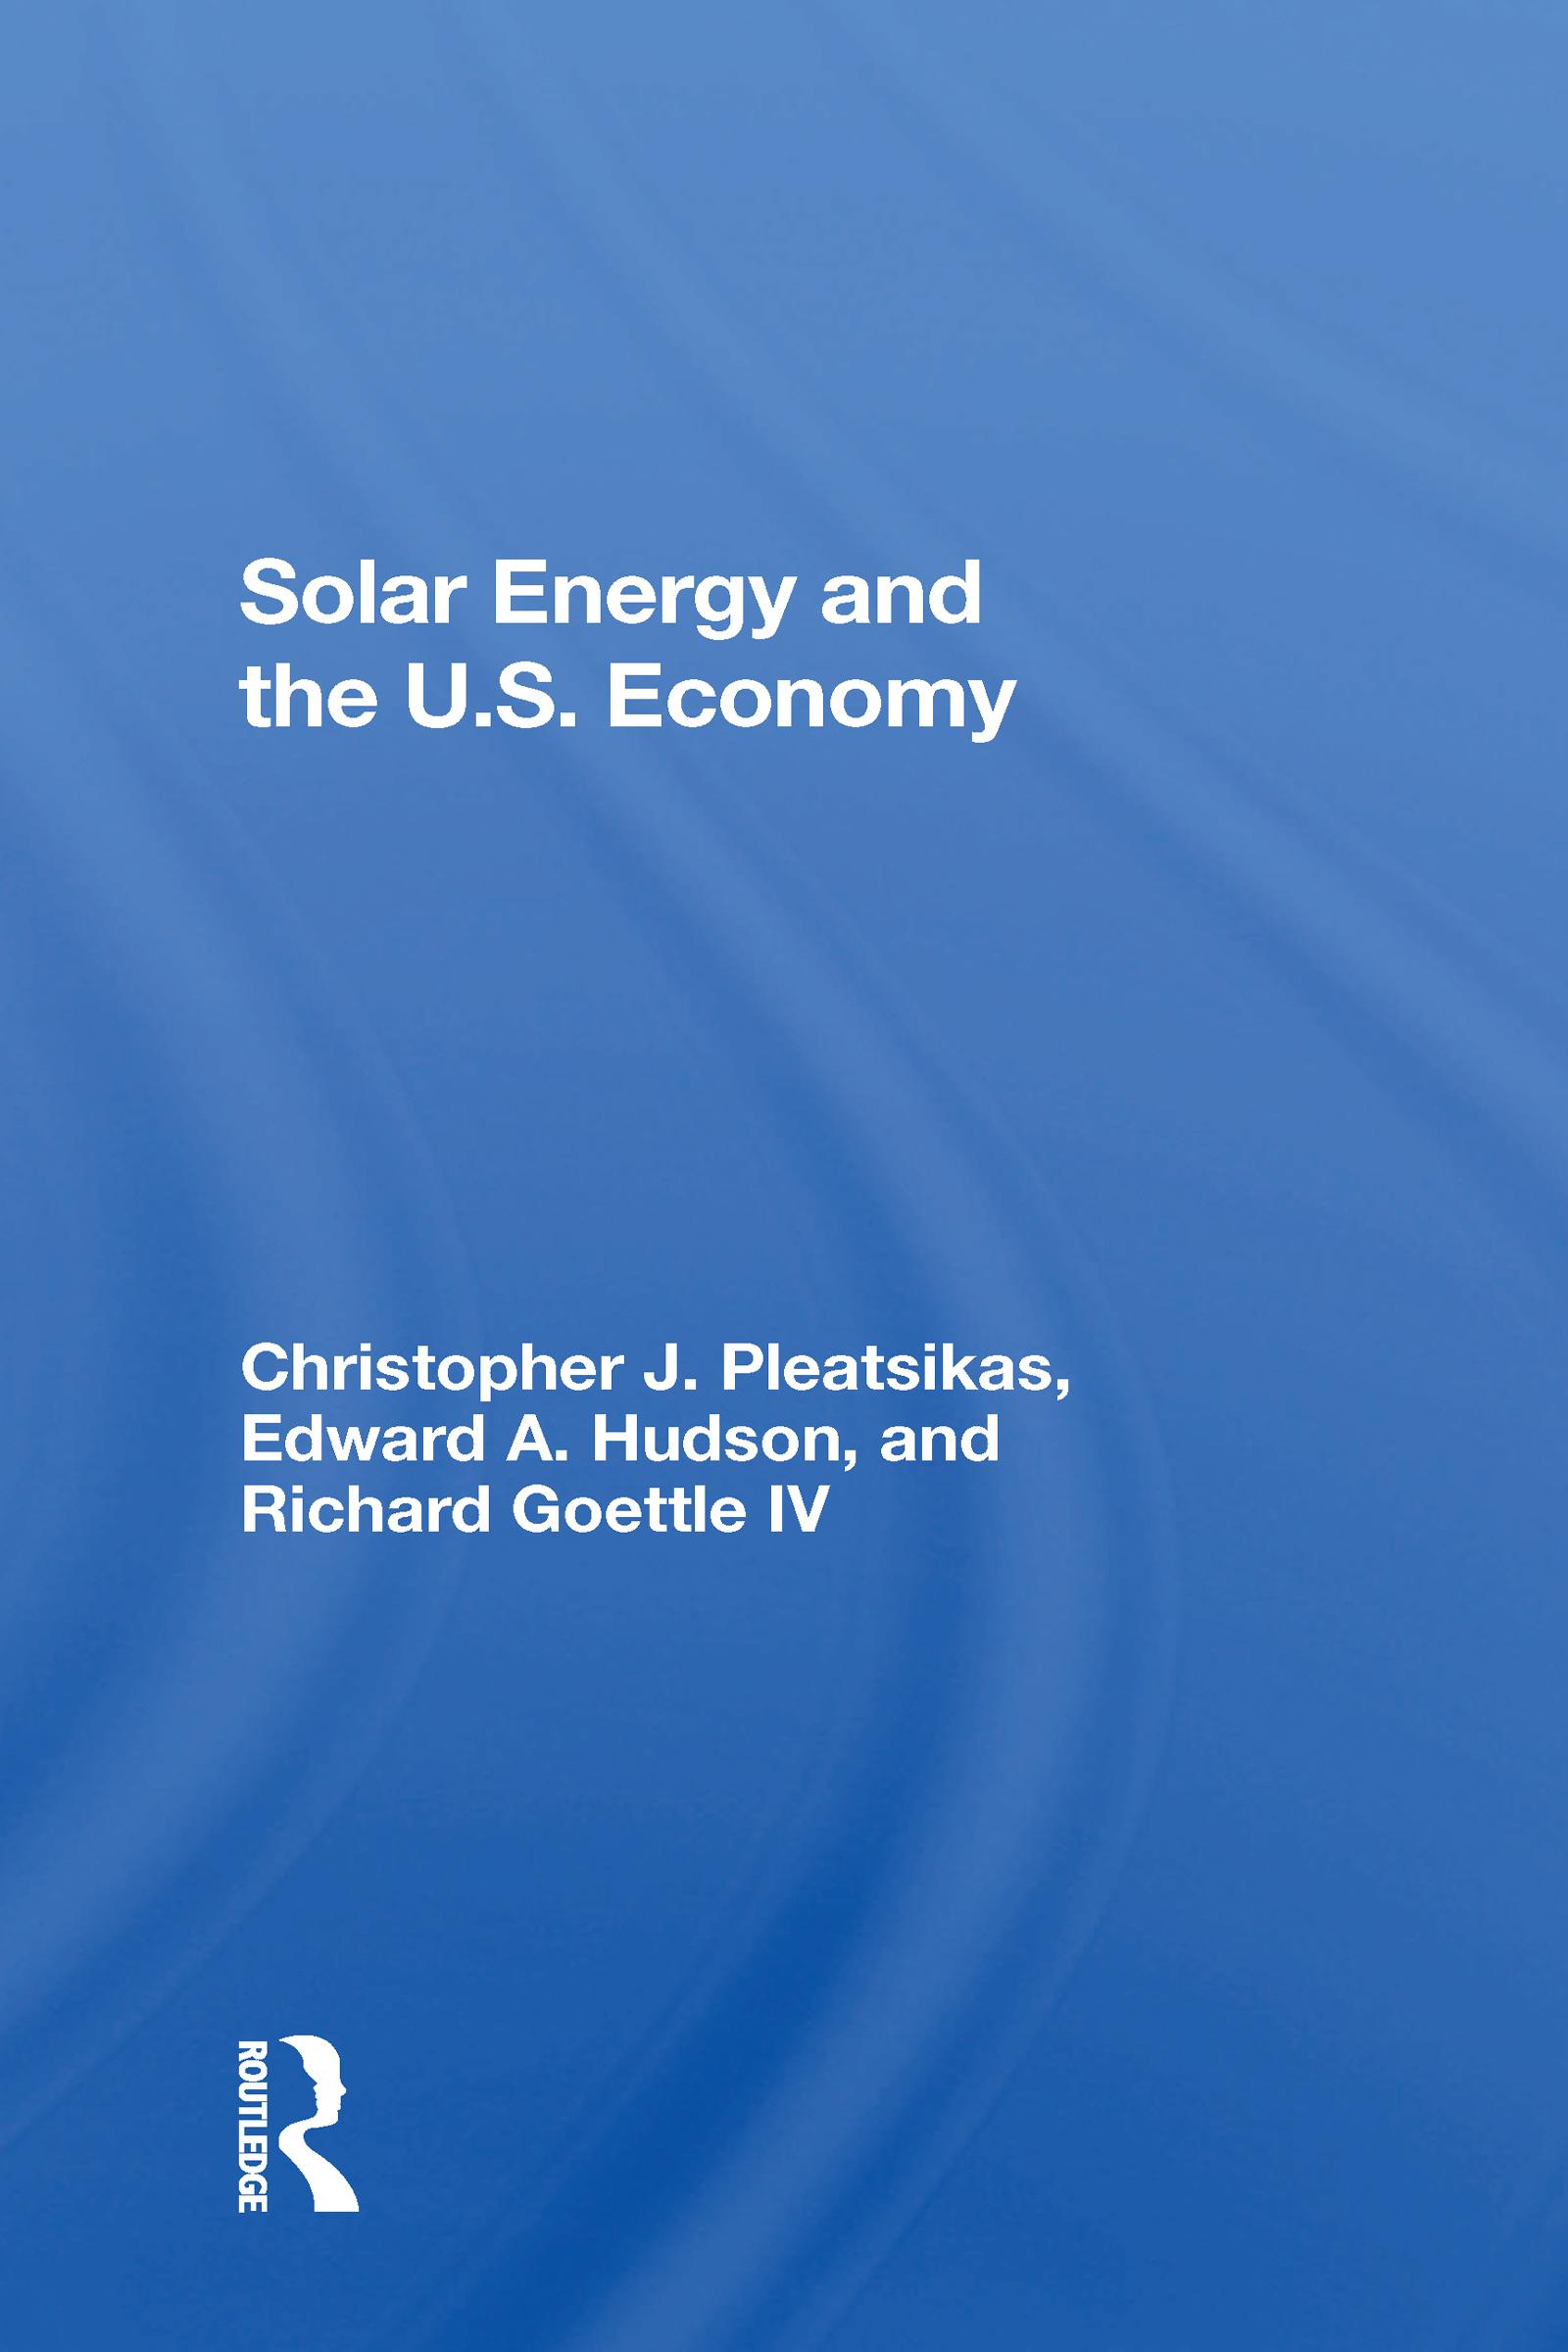 Solar Energy And The U.S. Economy